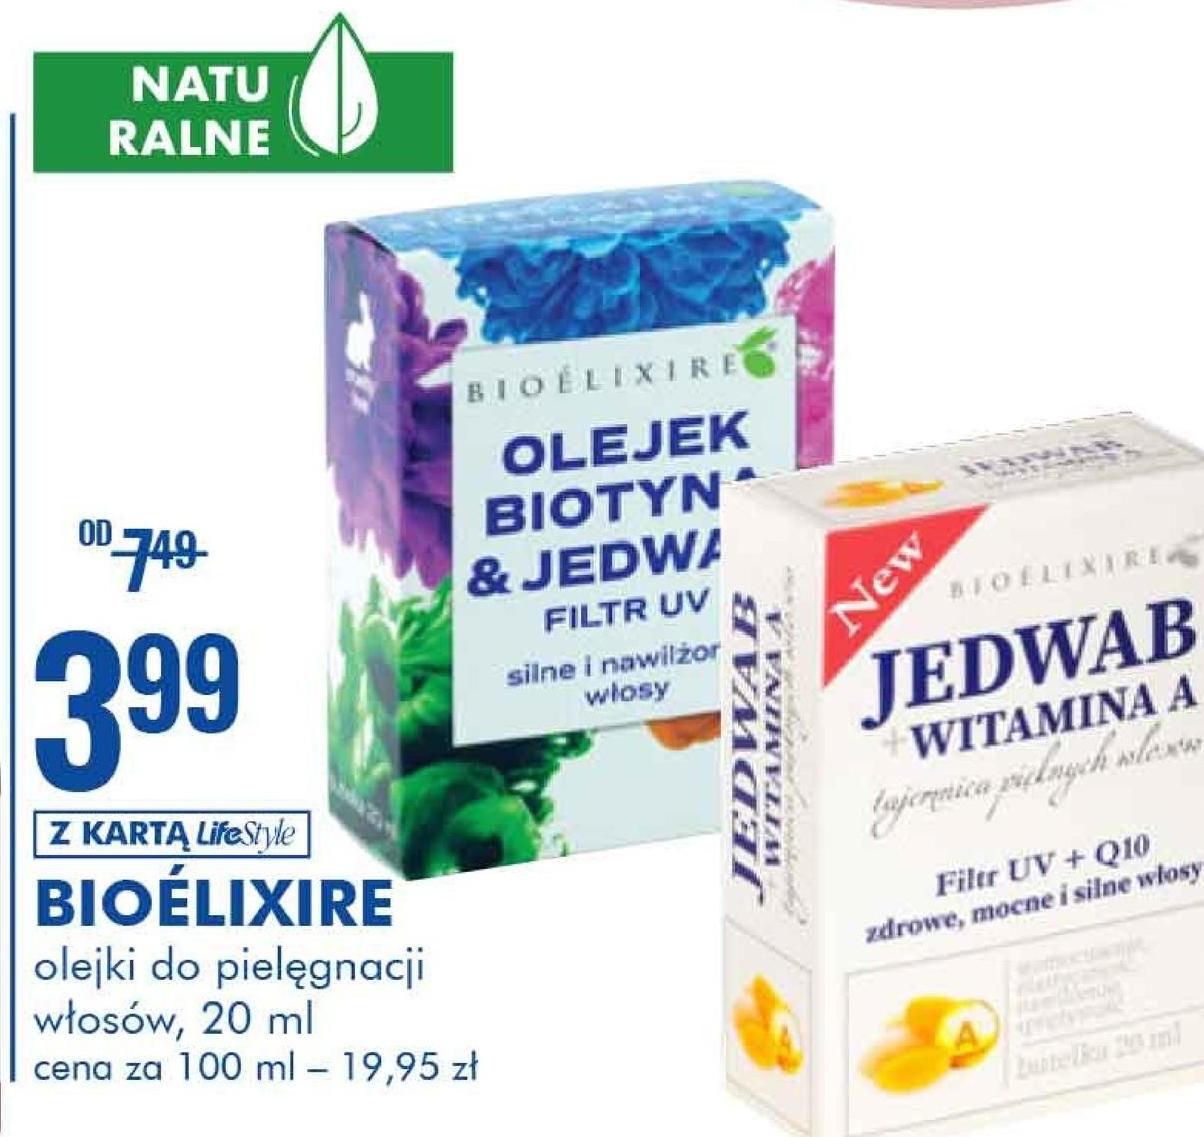 Olejek do włosów Bioelixire niska cena